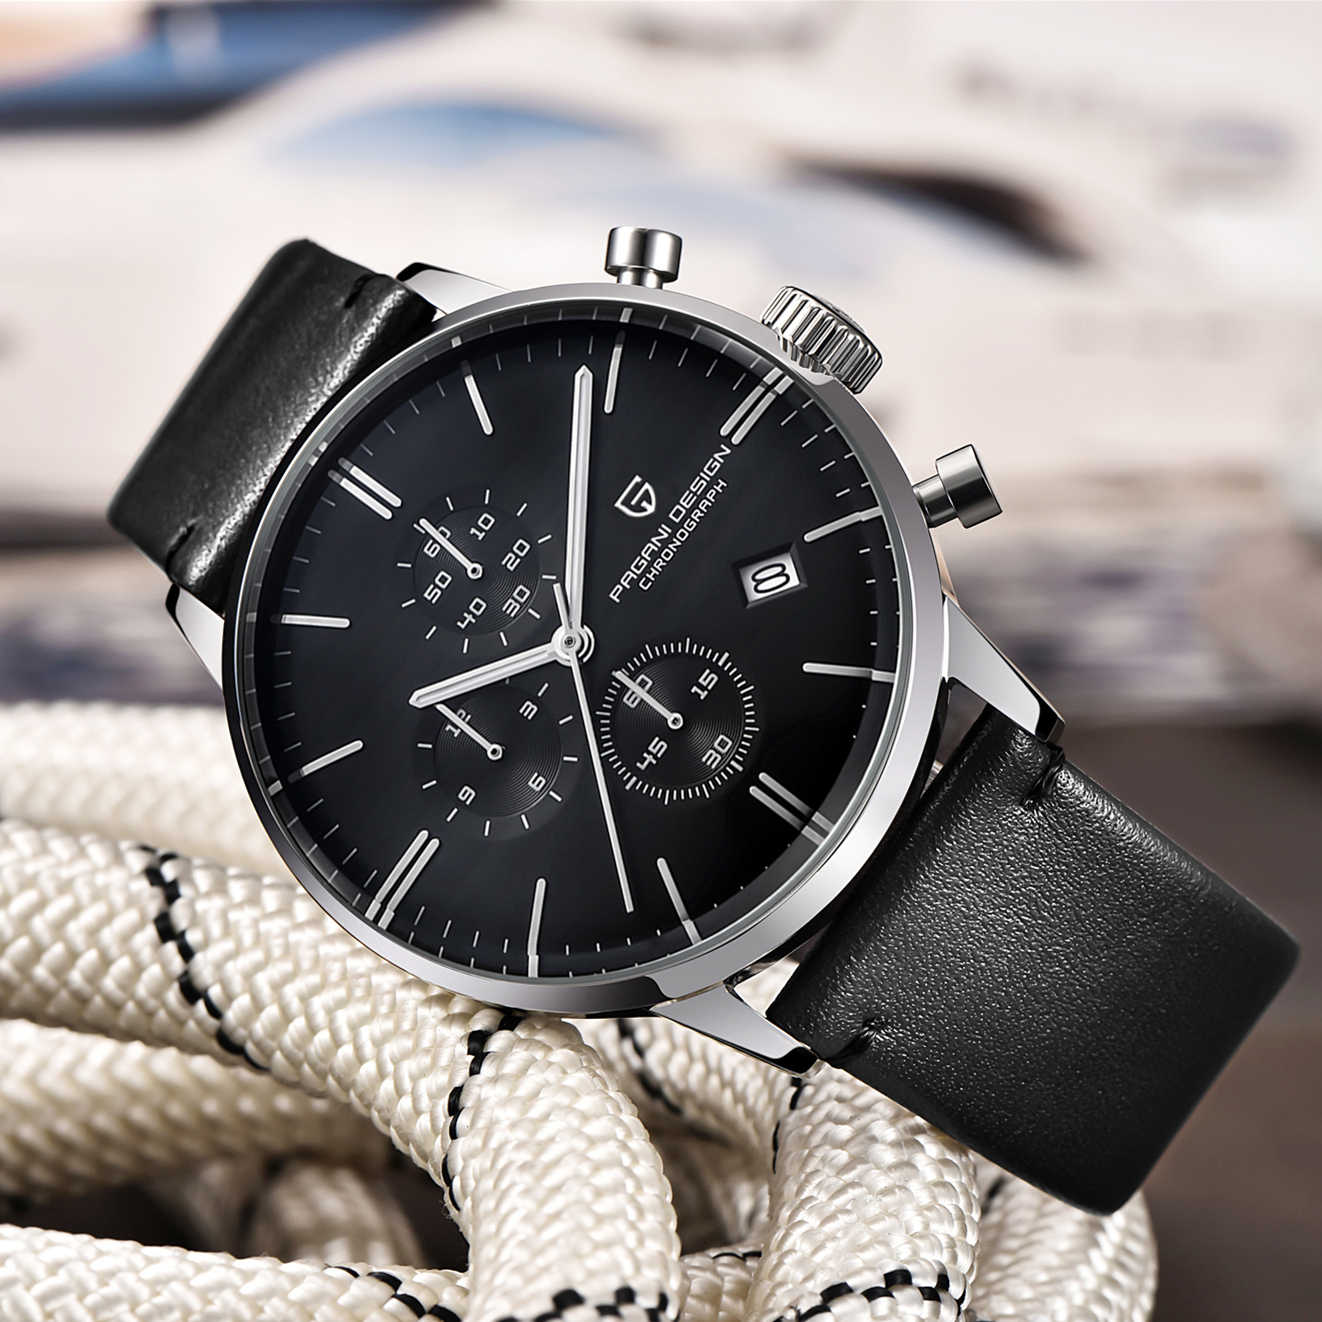 Pagani design masculino moda casual marca relógio à prova dwaterproof água simples couro cronógrafo relógios de quartzo presentes aniversário para o marido